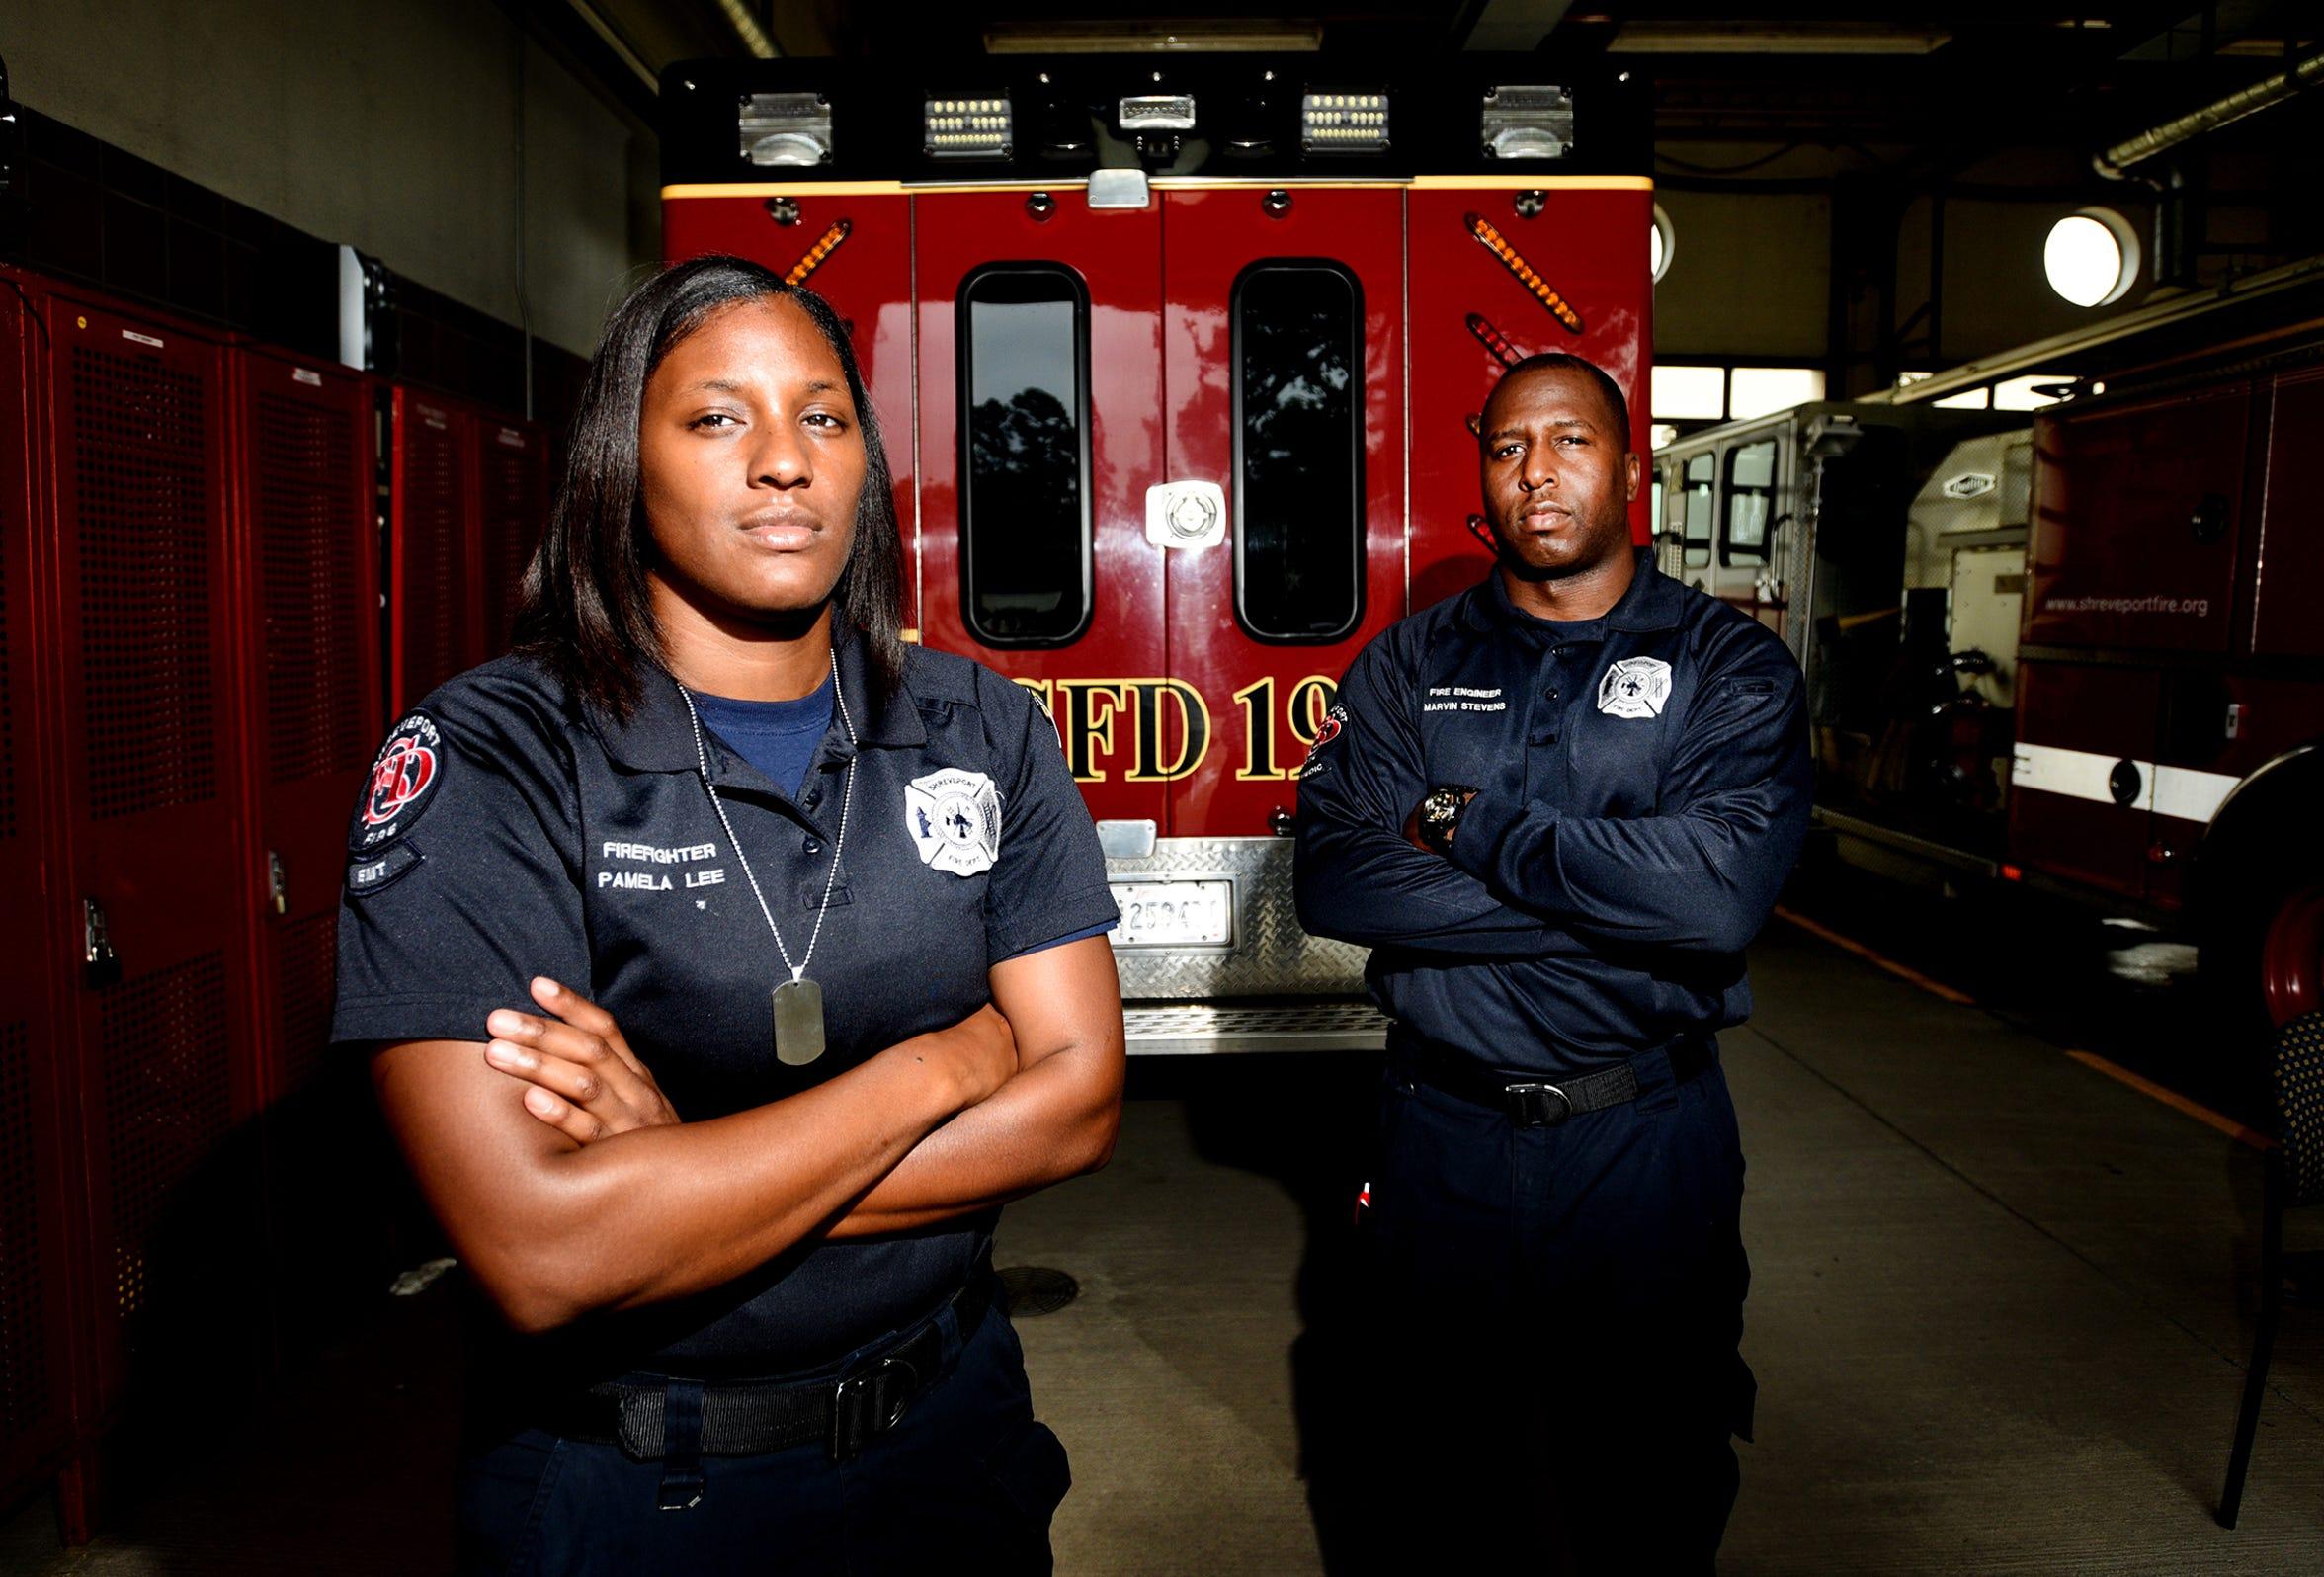 Firefighter/ EMT-basic Pamela Lee and  Fire Engineer/Paramedic Marvin Stevens at Shreveport Fire Station No. 19.